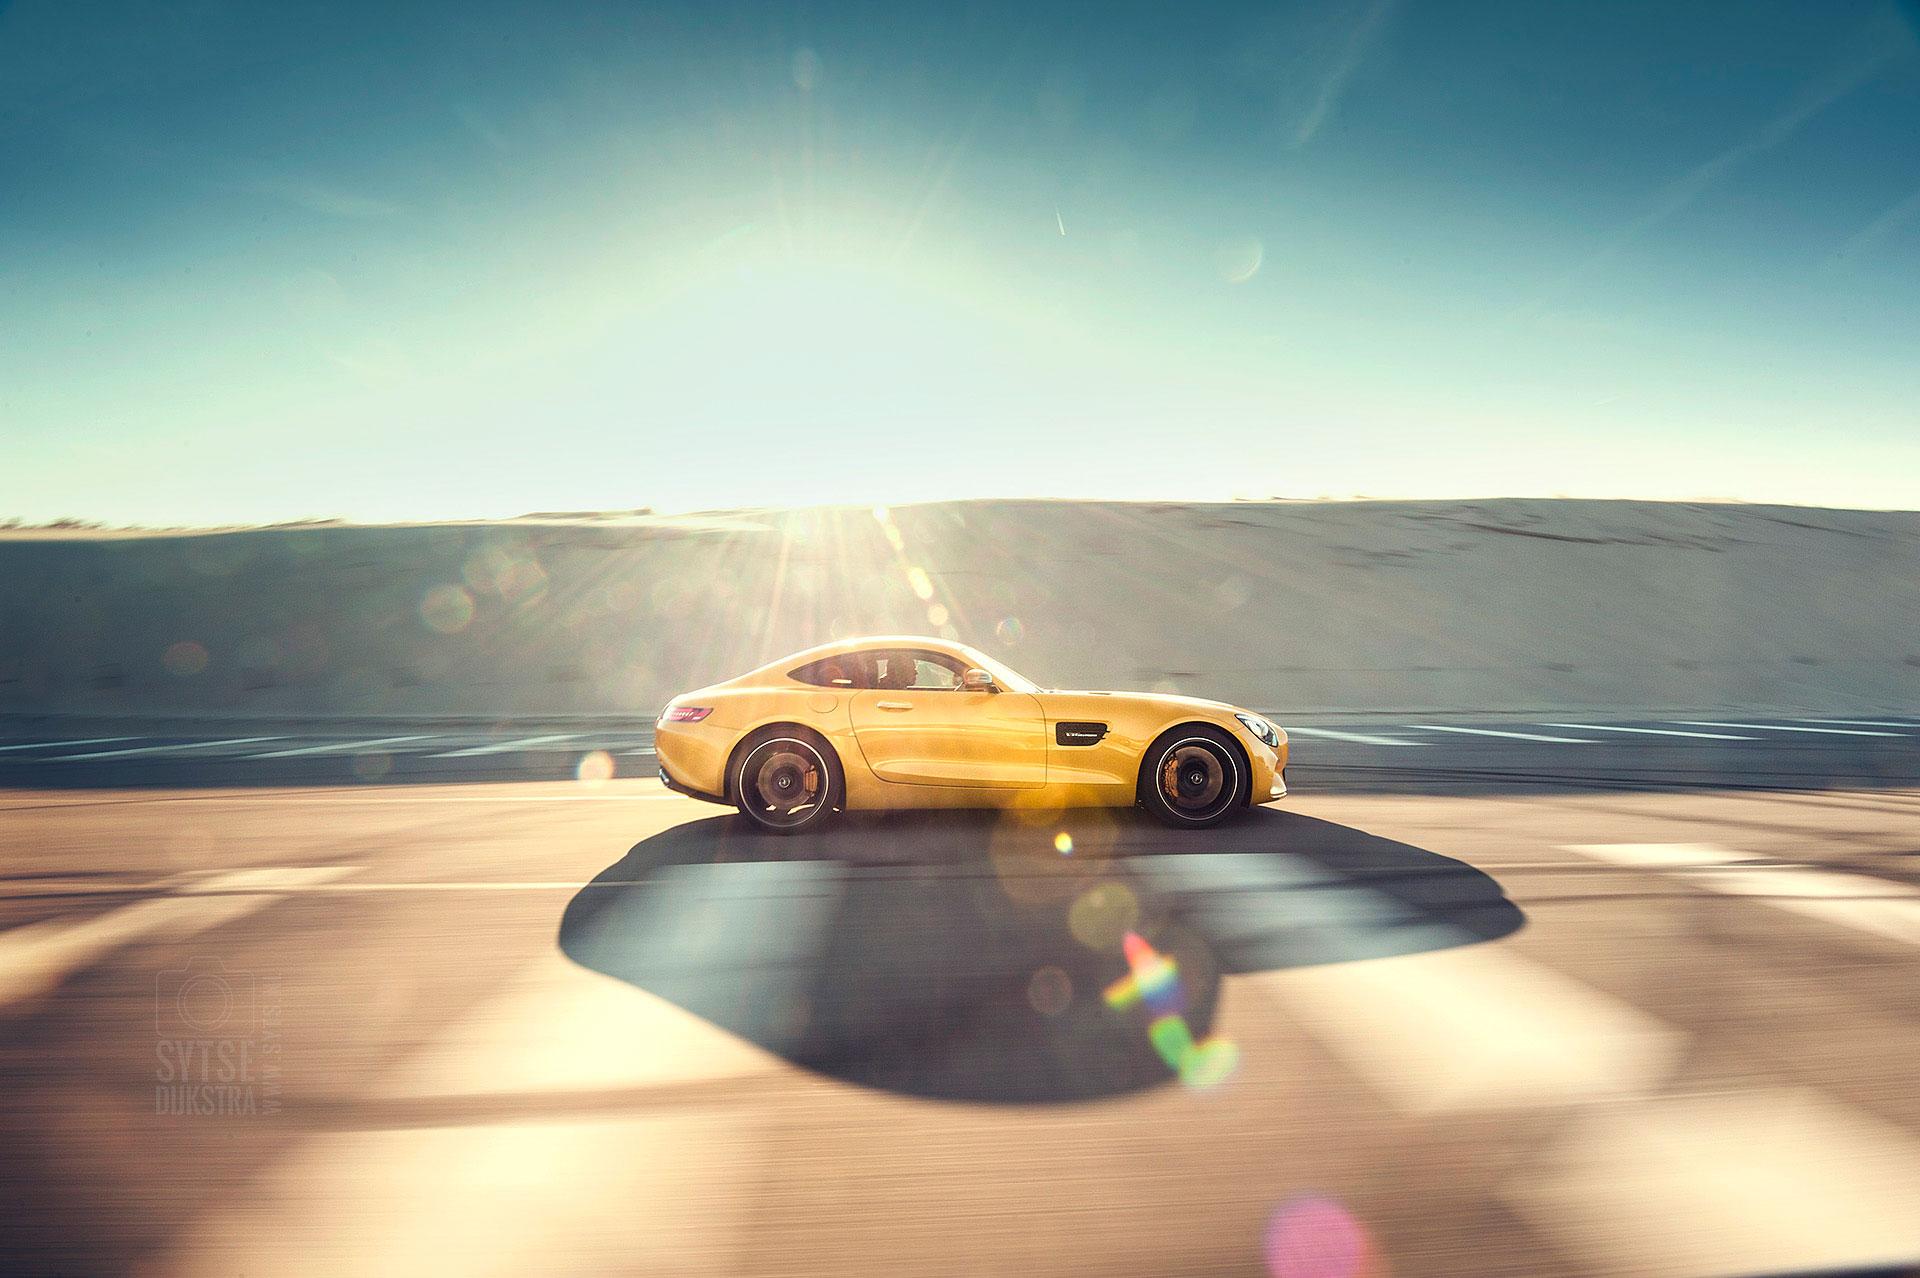 Mercedes-AMG-GT-Porsche-911-turbo-001